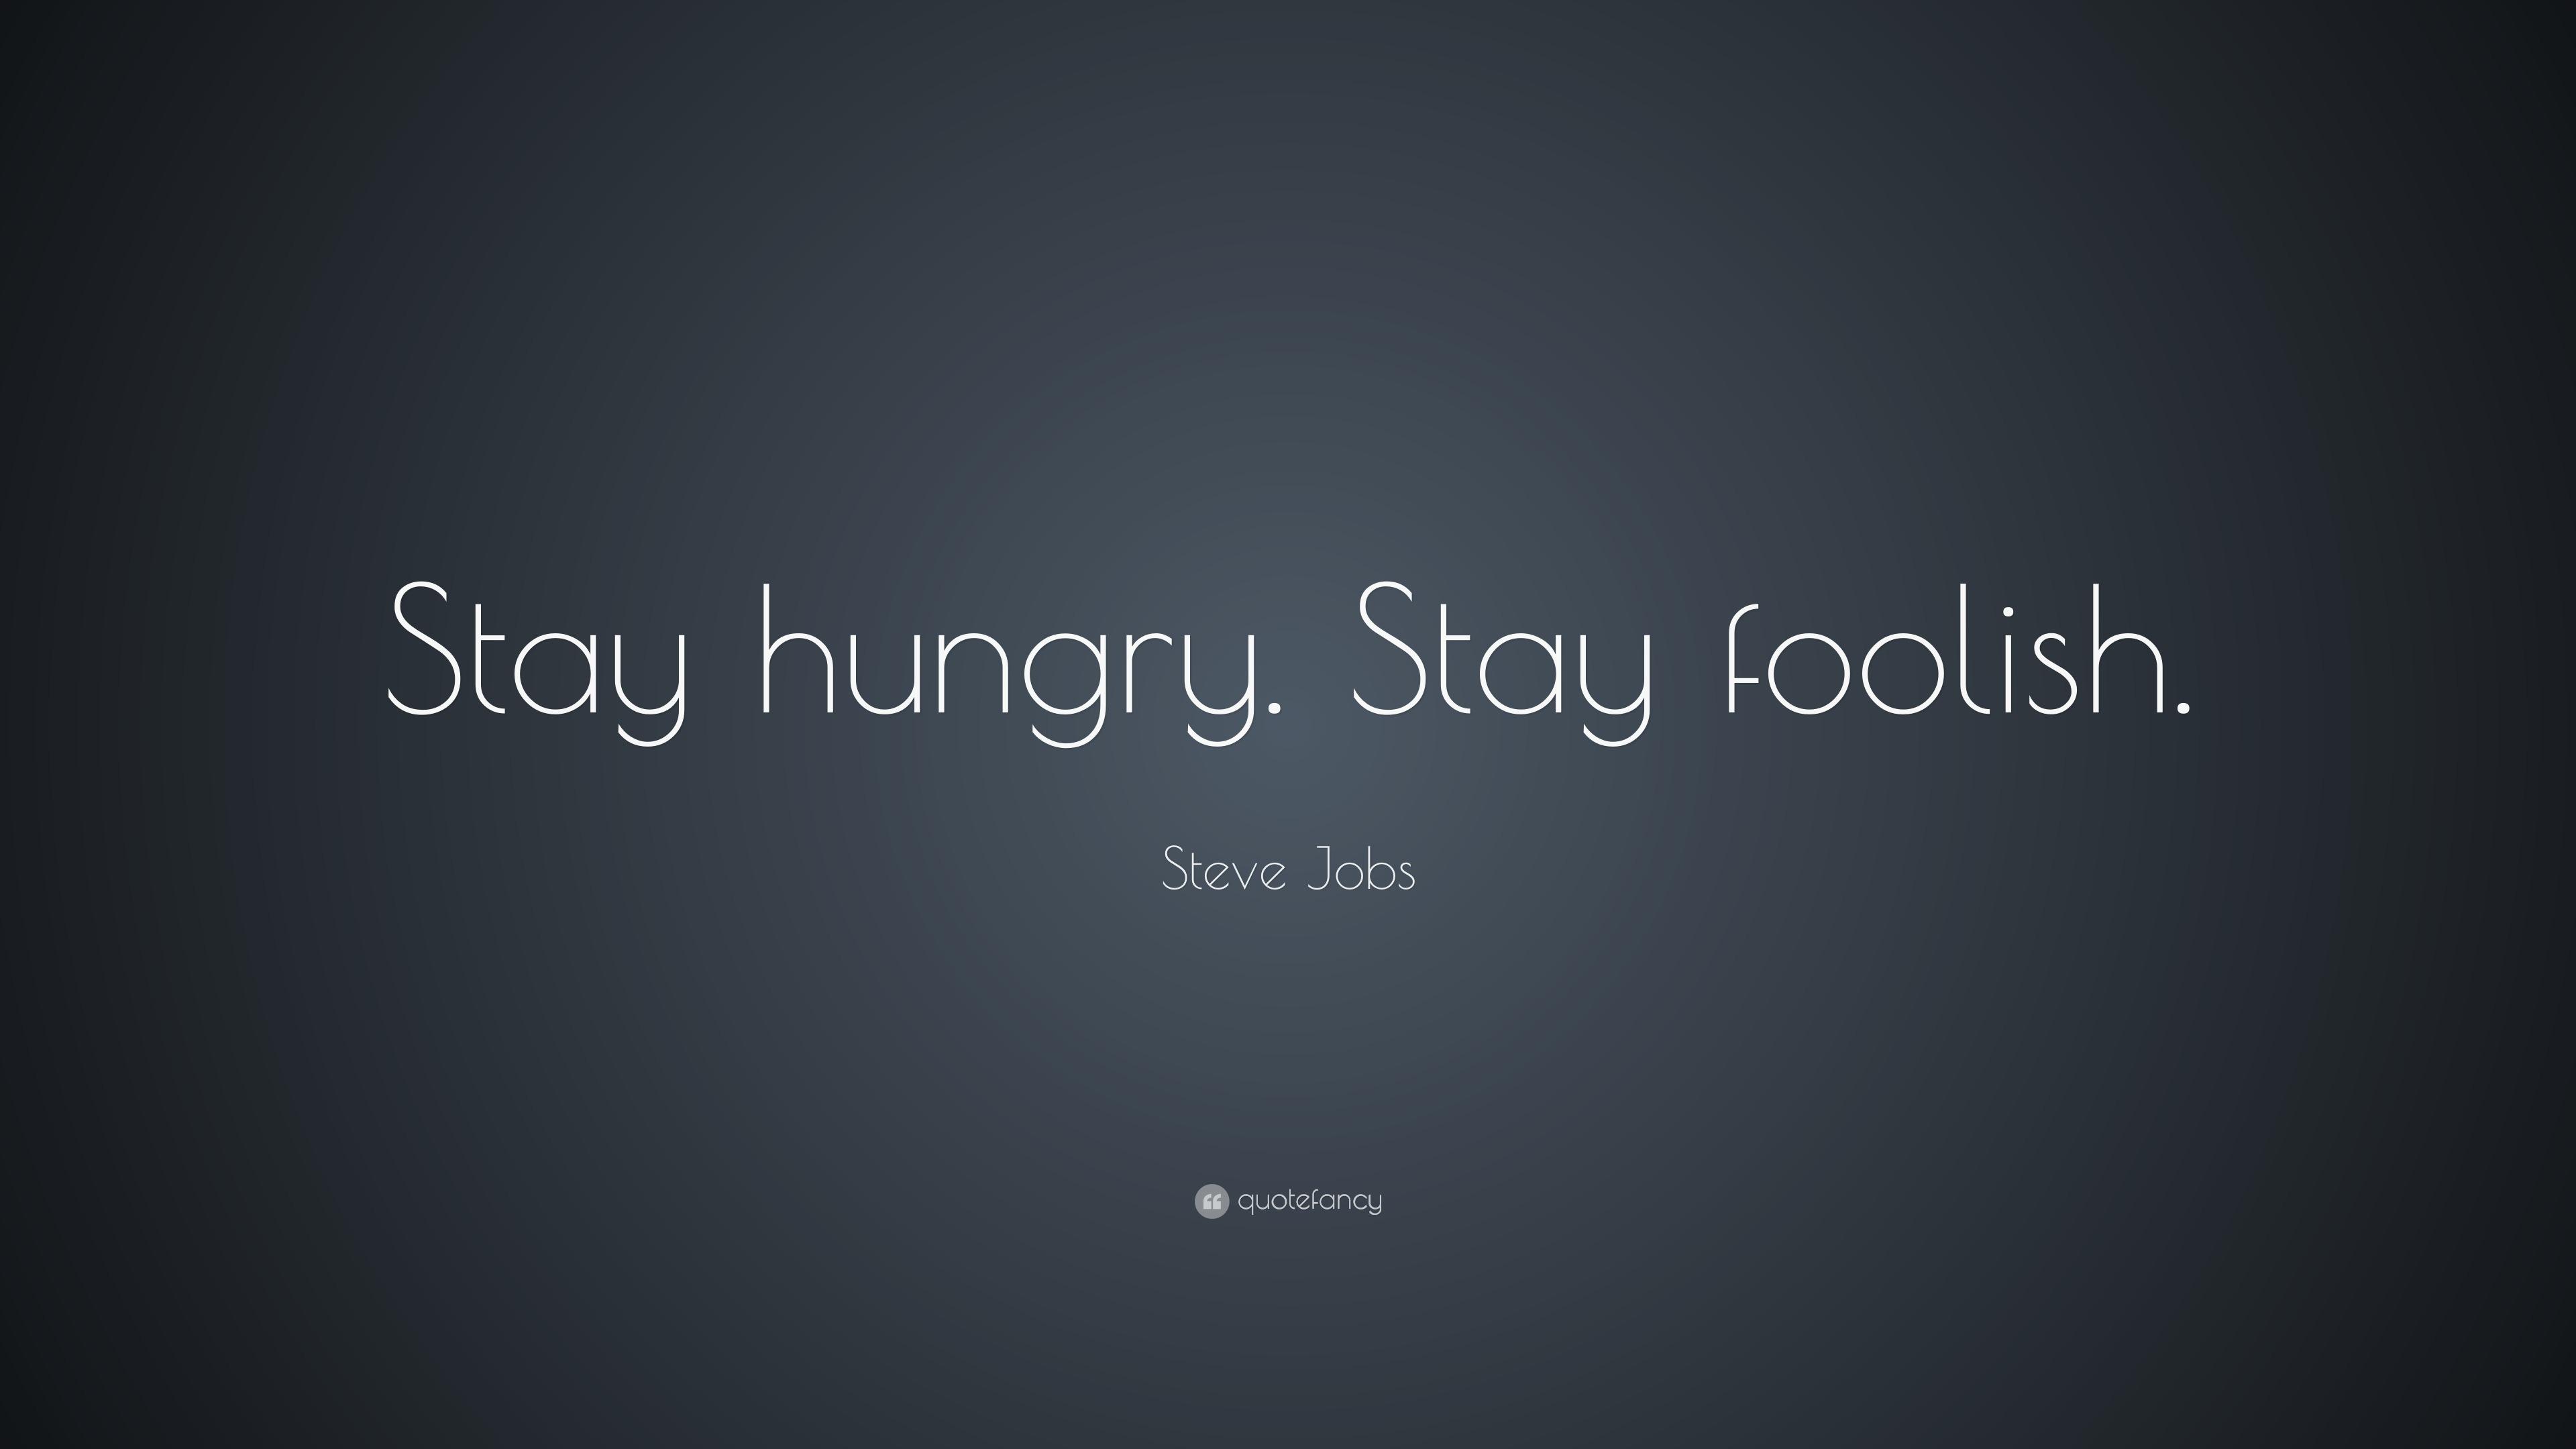 Steve Jobs Quotes (29 wallpapers) - Quotefancy